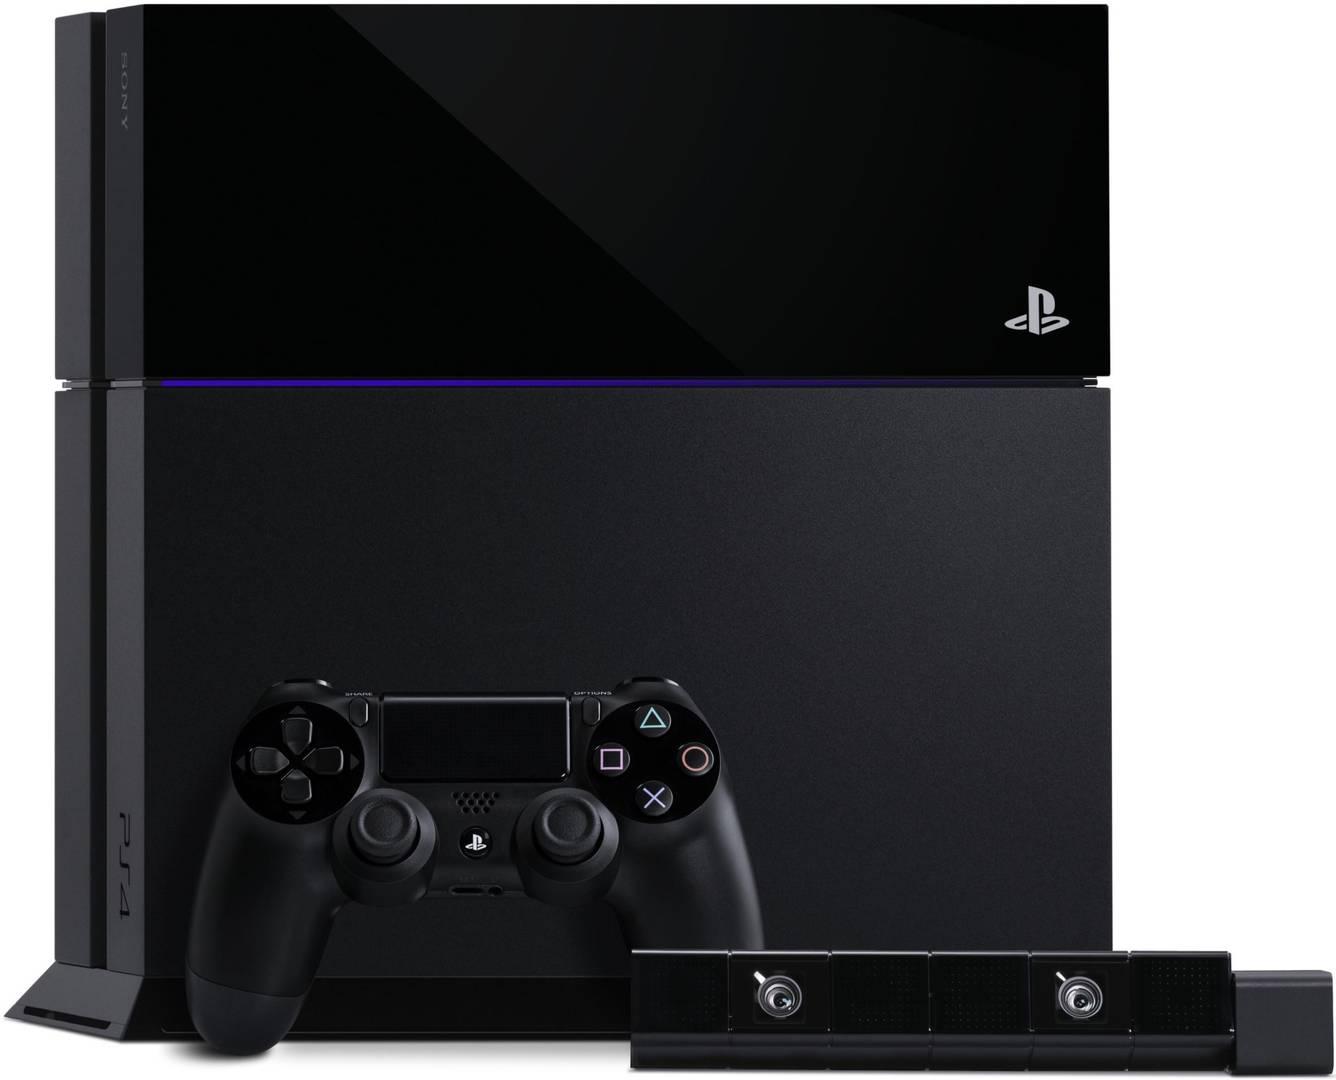 La Playstation 4 Llega A Espana Libertad Digital